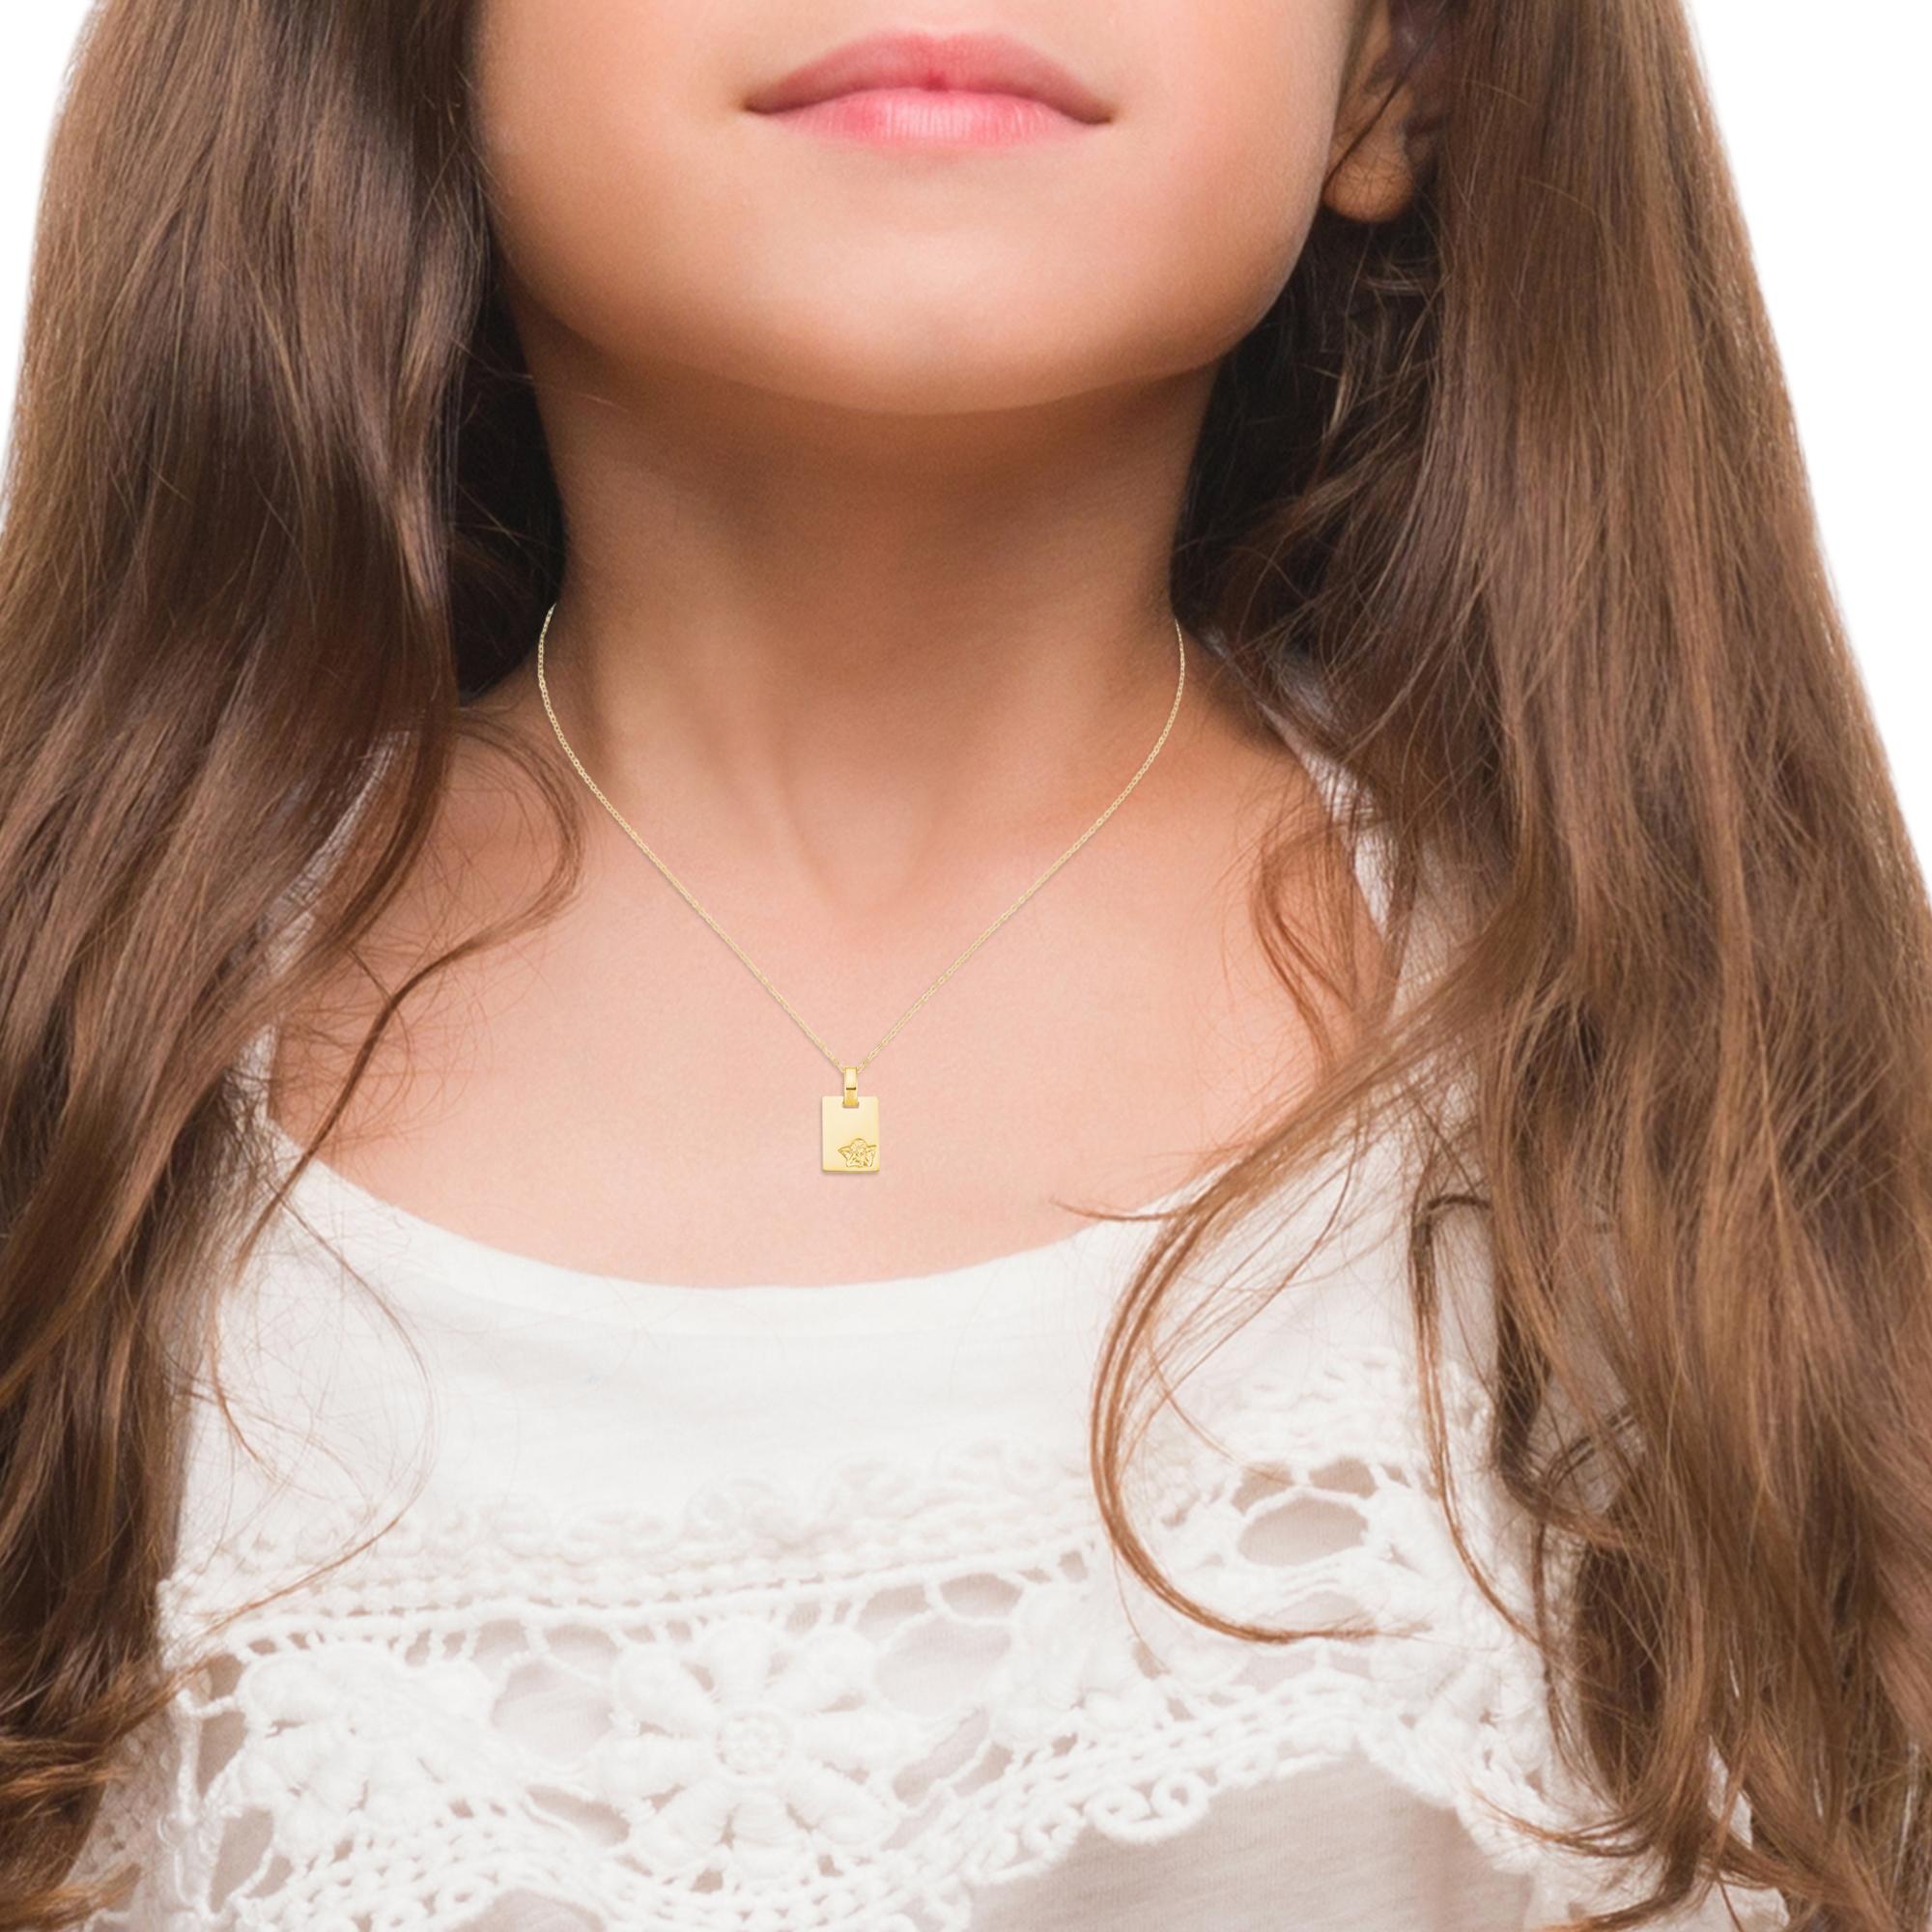 Kette mit Anhänger für Mädchen mit Engelsanhänger, Echtgold 375/9 ct, Gravur